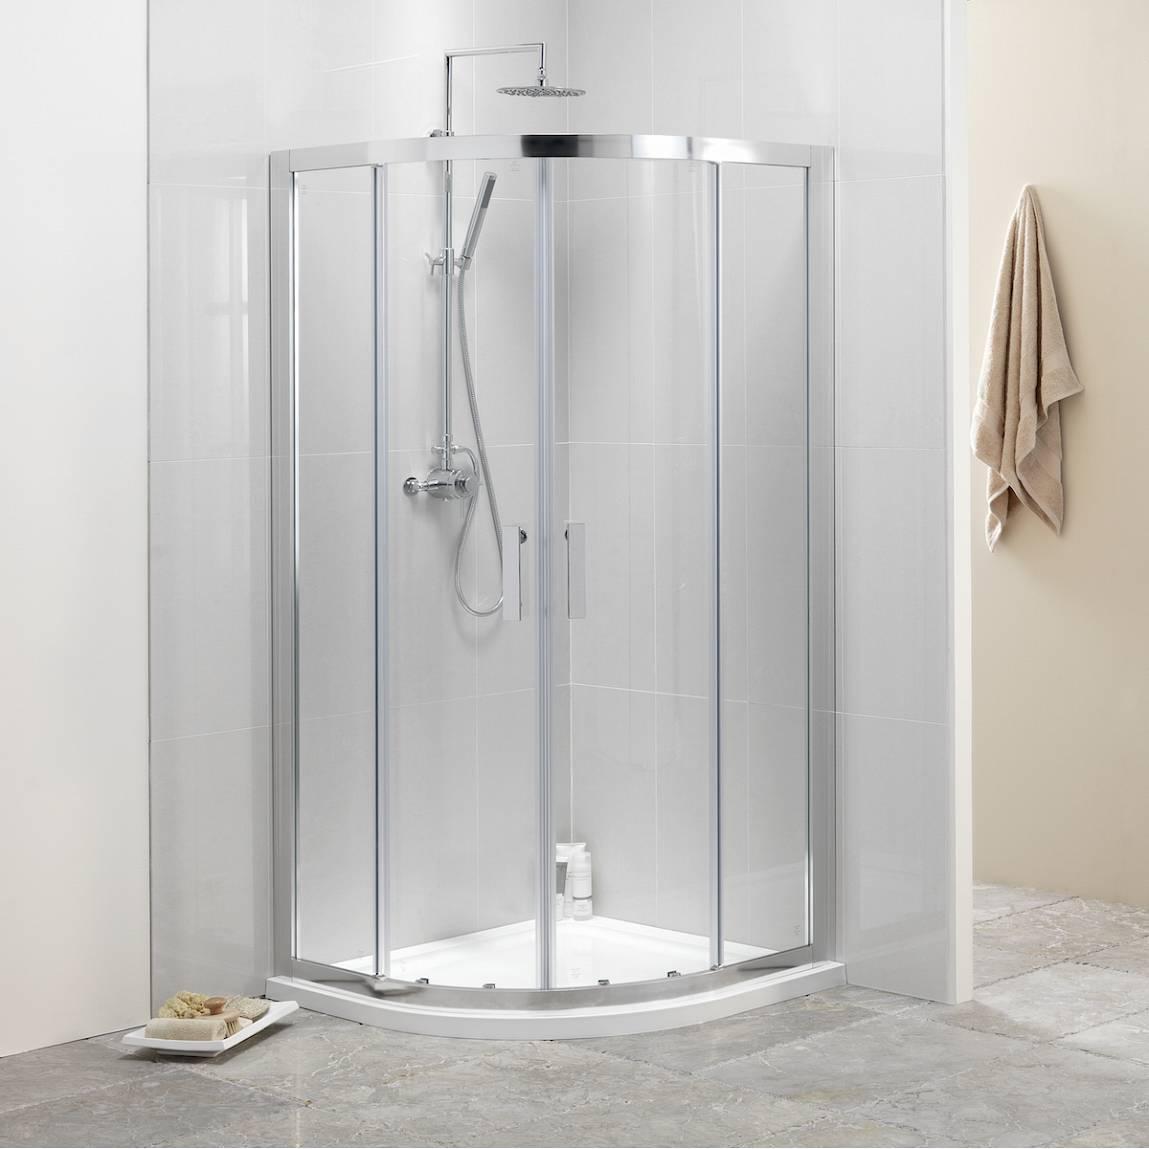 Image of V8 8mm Framed Quadrant Shower Enclosure 900